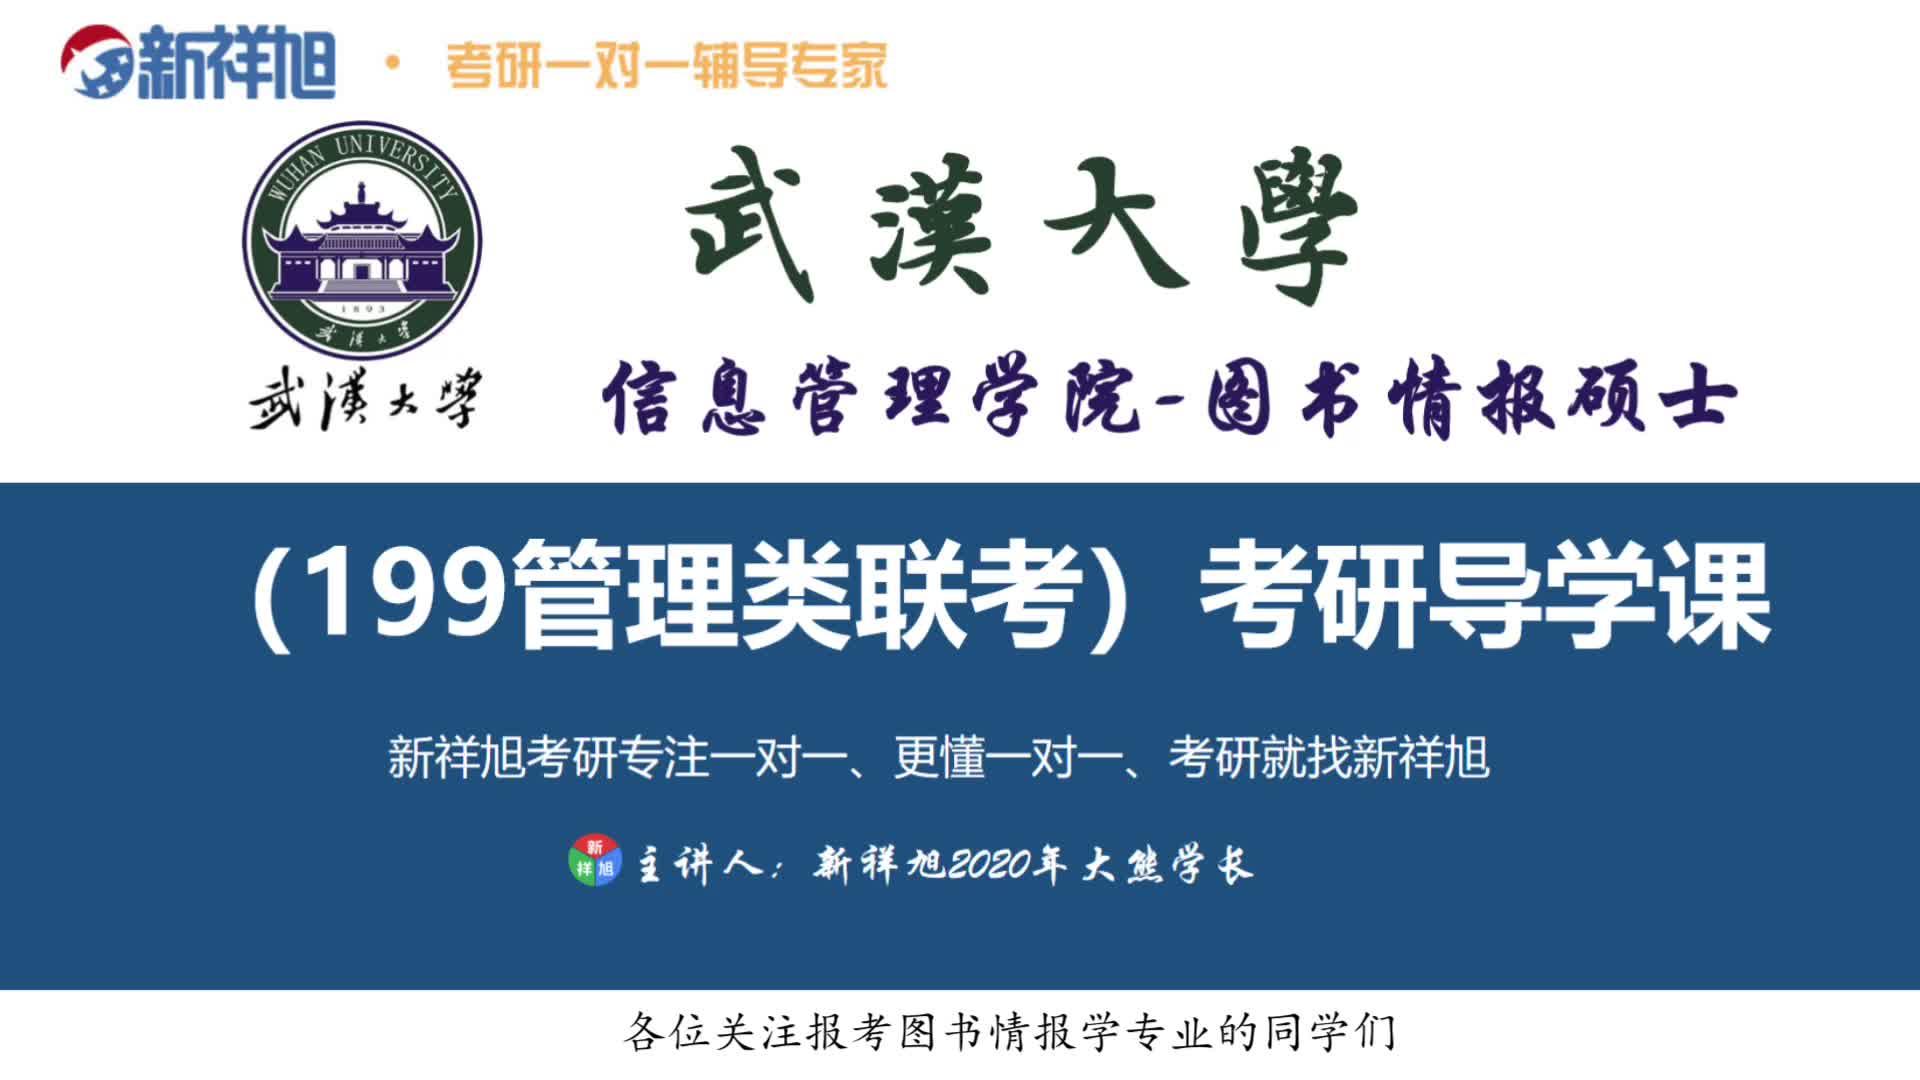 【新祥旭考研】武汉大学信管学院-图书情报(199管理类联考)考研导学课.MP4